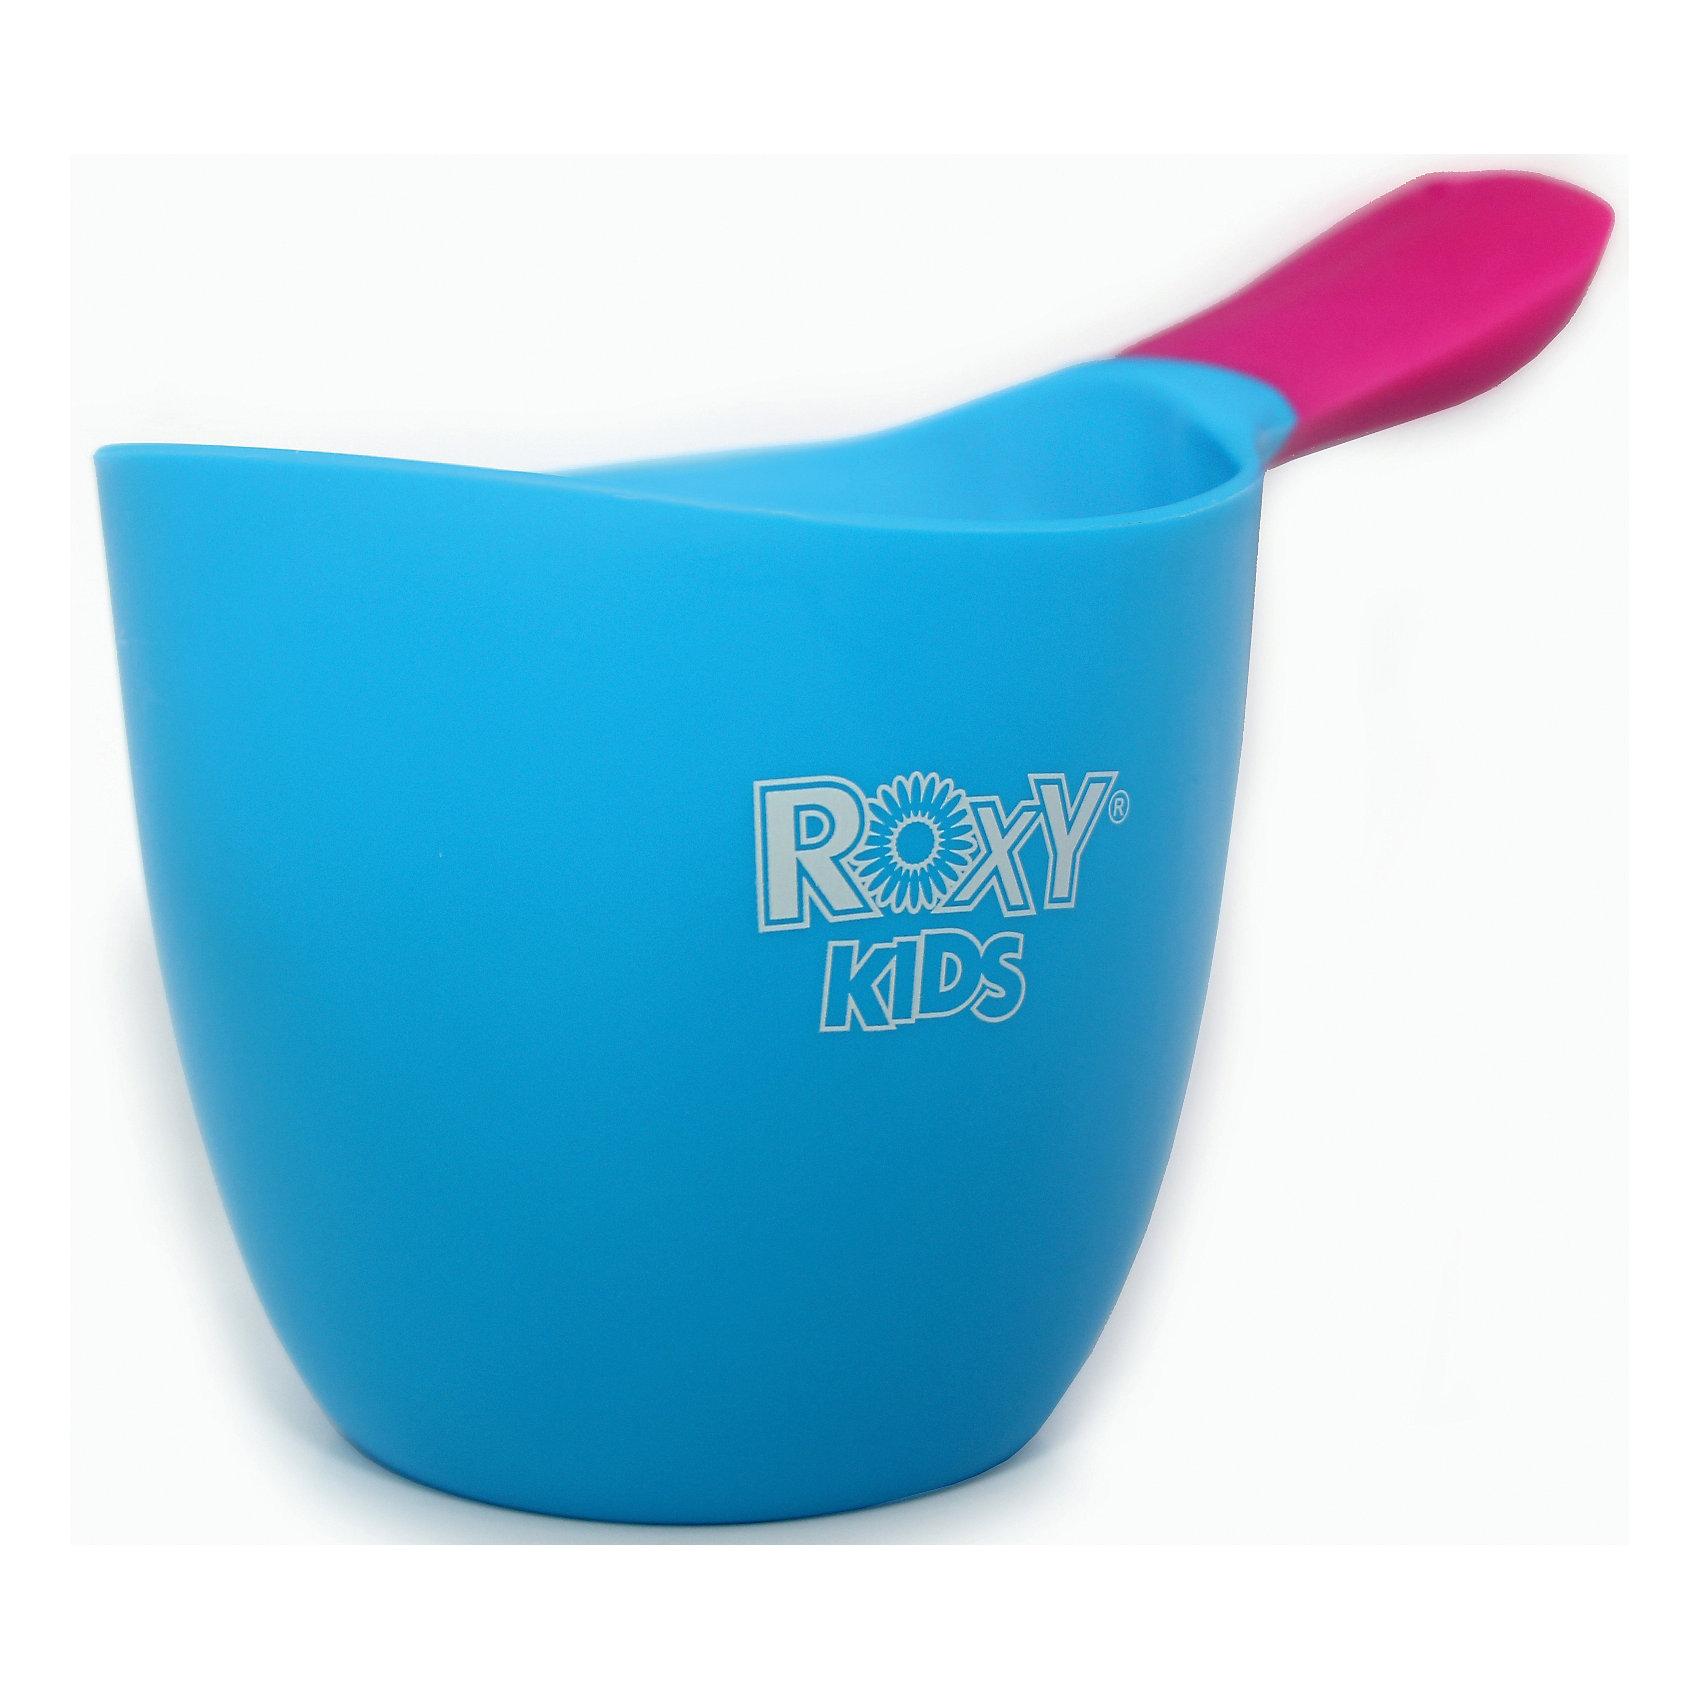 Ковшик для ванны, Roxy-kids, голубойПрочие аксессуары<br>Ковшик имеет небольшие размеры, благодаря чему уже подросший ребенок сможет самостоятельно его использовать. Яркая контрастная ручка выполнена из прорезиненного материала ее очень удобно держать, она не выскальзывает из рук во время купания. Ковшик выполнен из высококачественных прочных материалов, не имеет острых краев, безопасен для детей. <br><br>Дополнительная информация:<br><br>- Материал: ABS пластик.<br>- Объём: 700 мл.<br>- Размер: 10х18х11см.<br>- Цвет: голубой, розовый.<br>- Прорезиненная ручка. <br><br>Ковшик для ванны, Roxy-kids (Рокси-кидс), голубой, можно купить в нашем магазине.<br><br>Ширина мм: 180<br>Глубина мм: 105<br>Высота мм: 90<br>Вес г: 130<br>Возраст от месяцев: 0<br>Возраст до месяцев: 36<br>Пол: Мужской<br>Возраст: Детский<br>SKU: 3998105